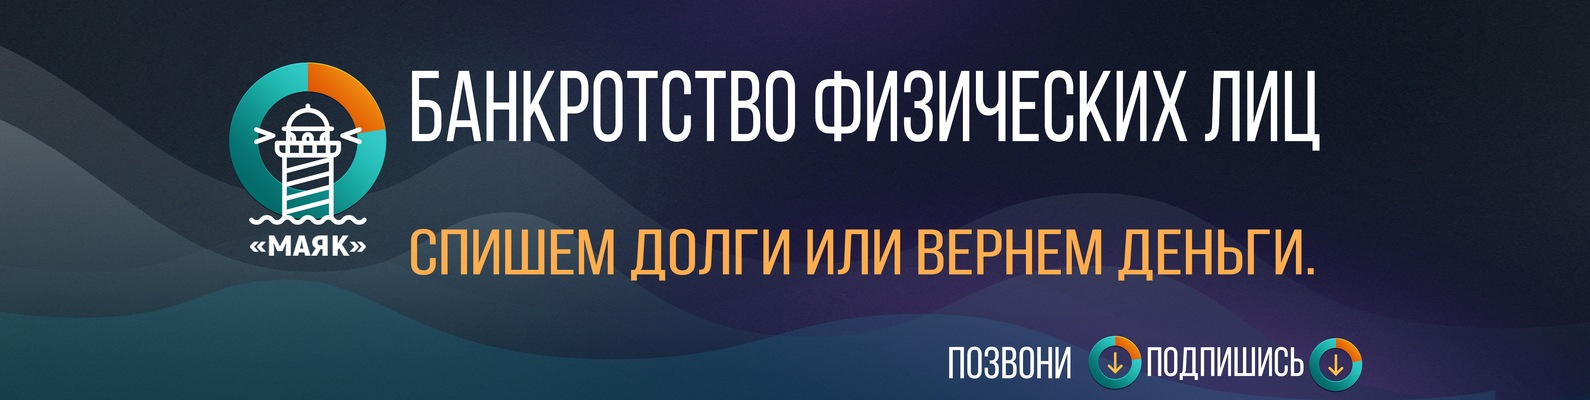 банкротство физических лиц пошаговая инструкция вконтакте